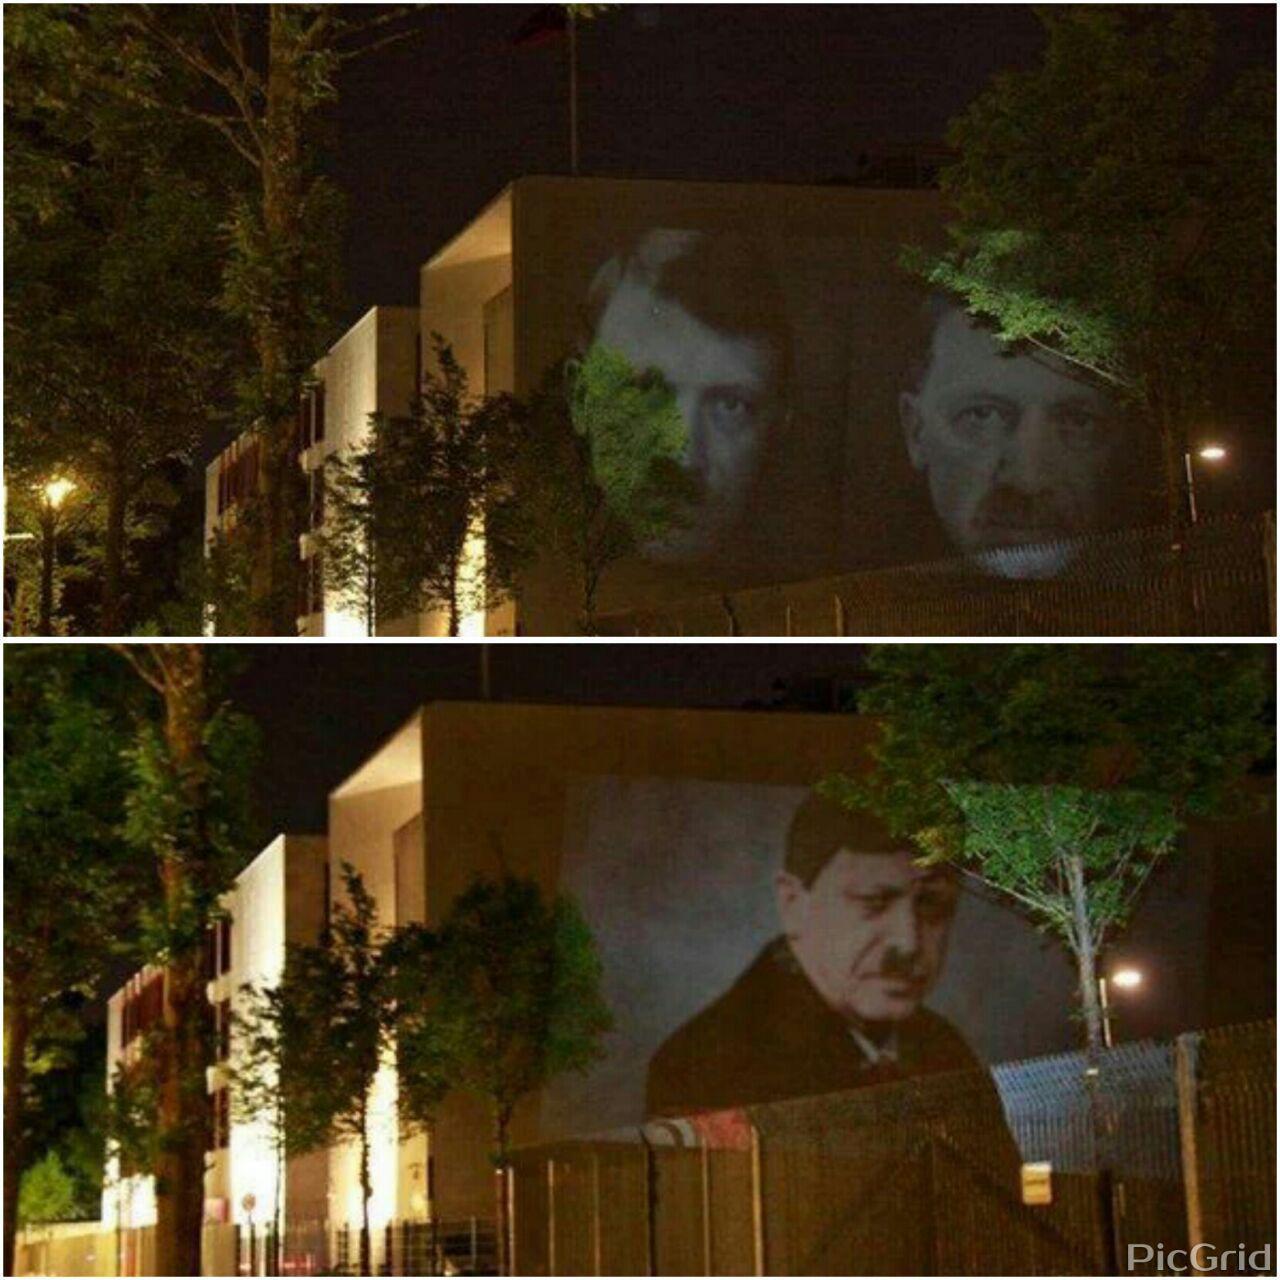 اردوغان و هیتلر روی دیوار سفارت ترکیه در آلمان